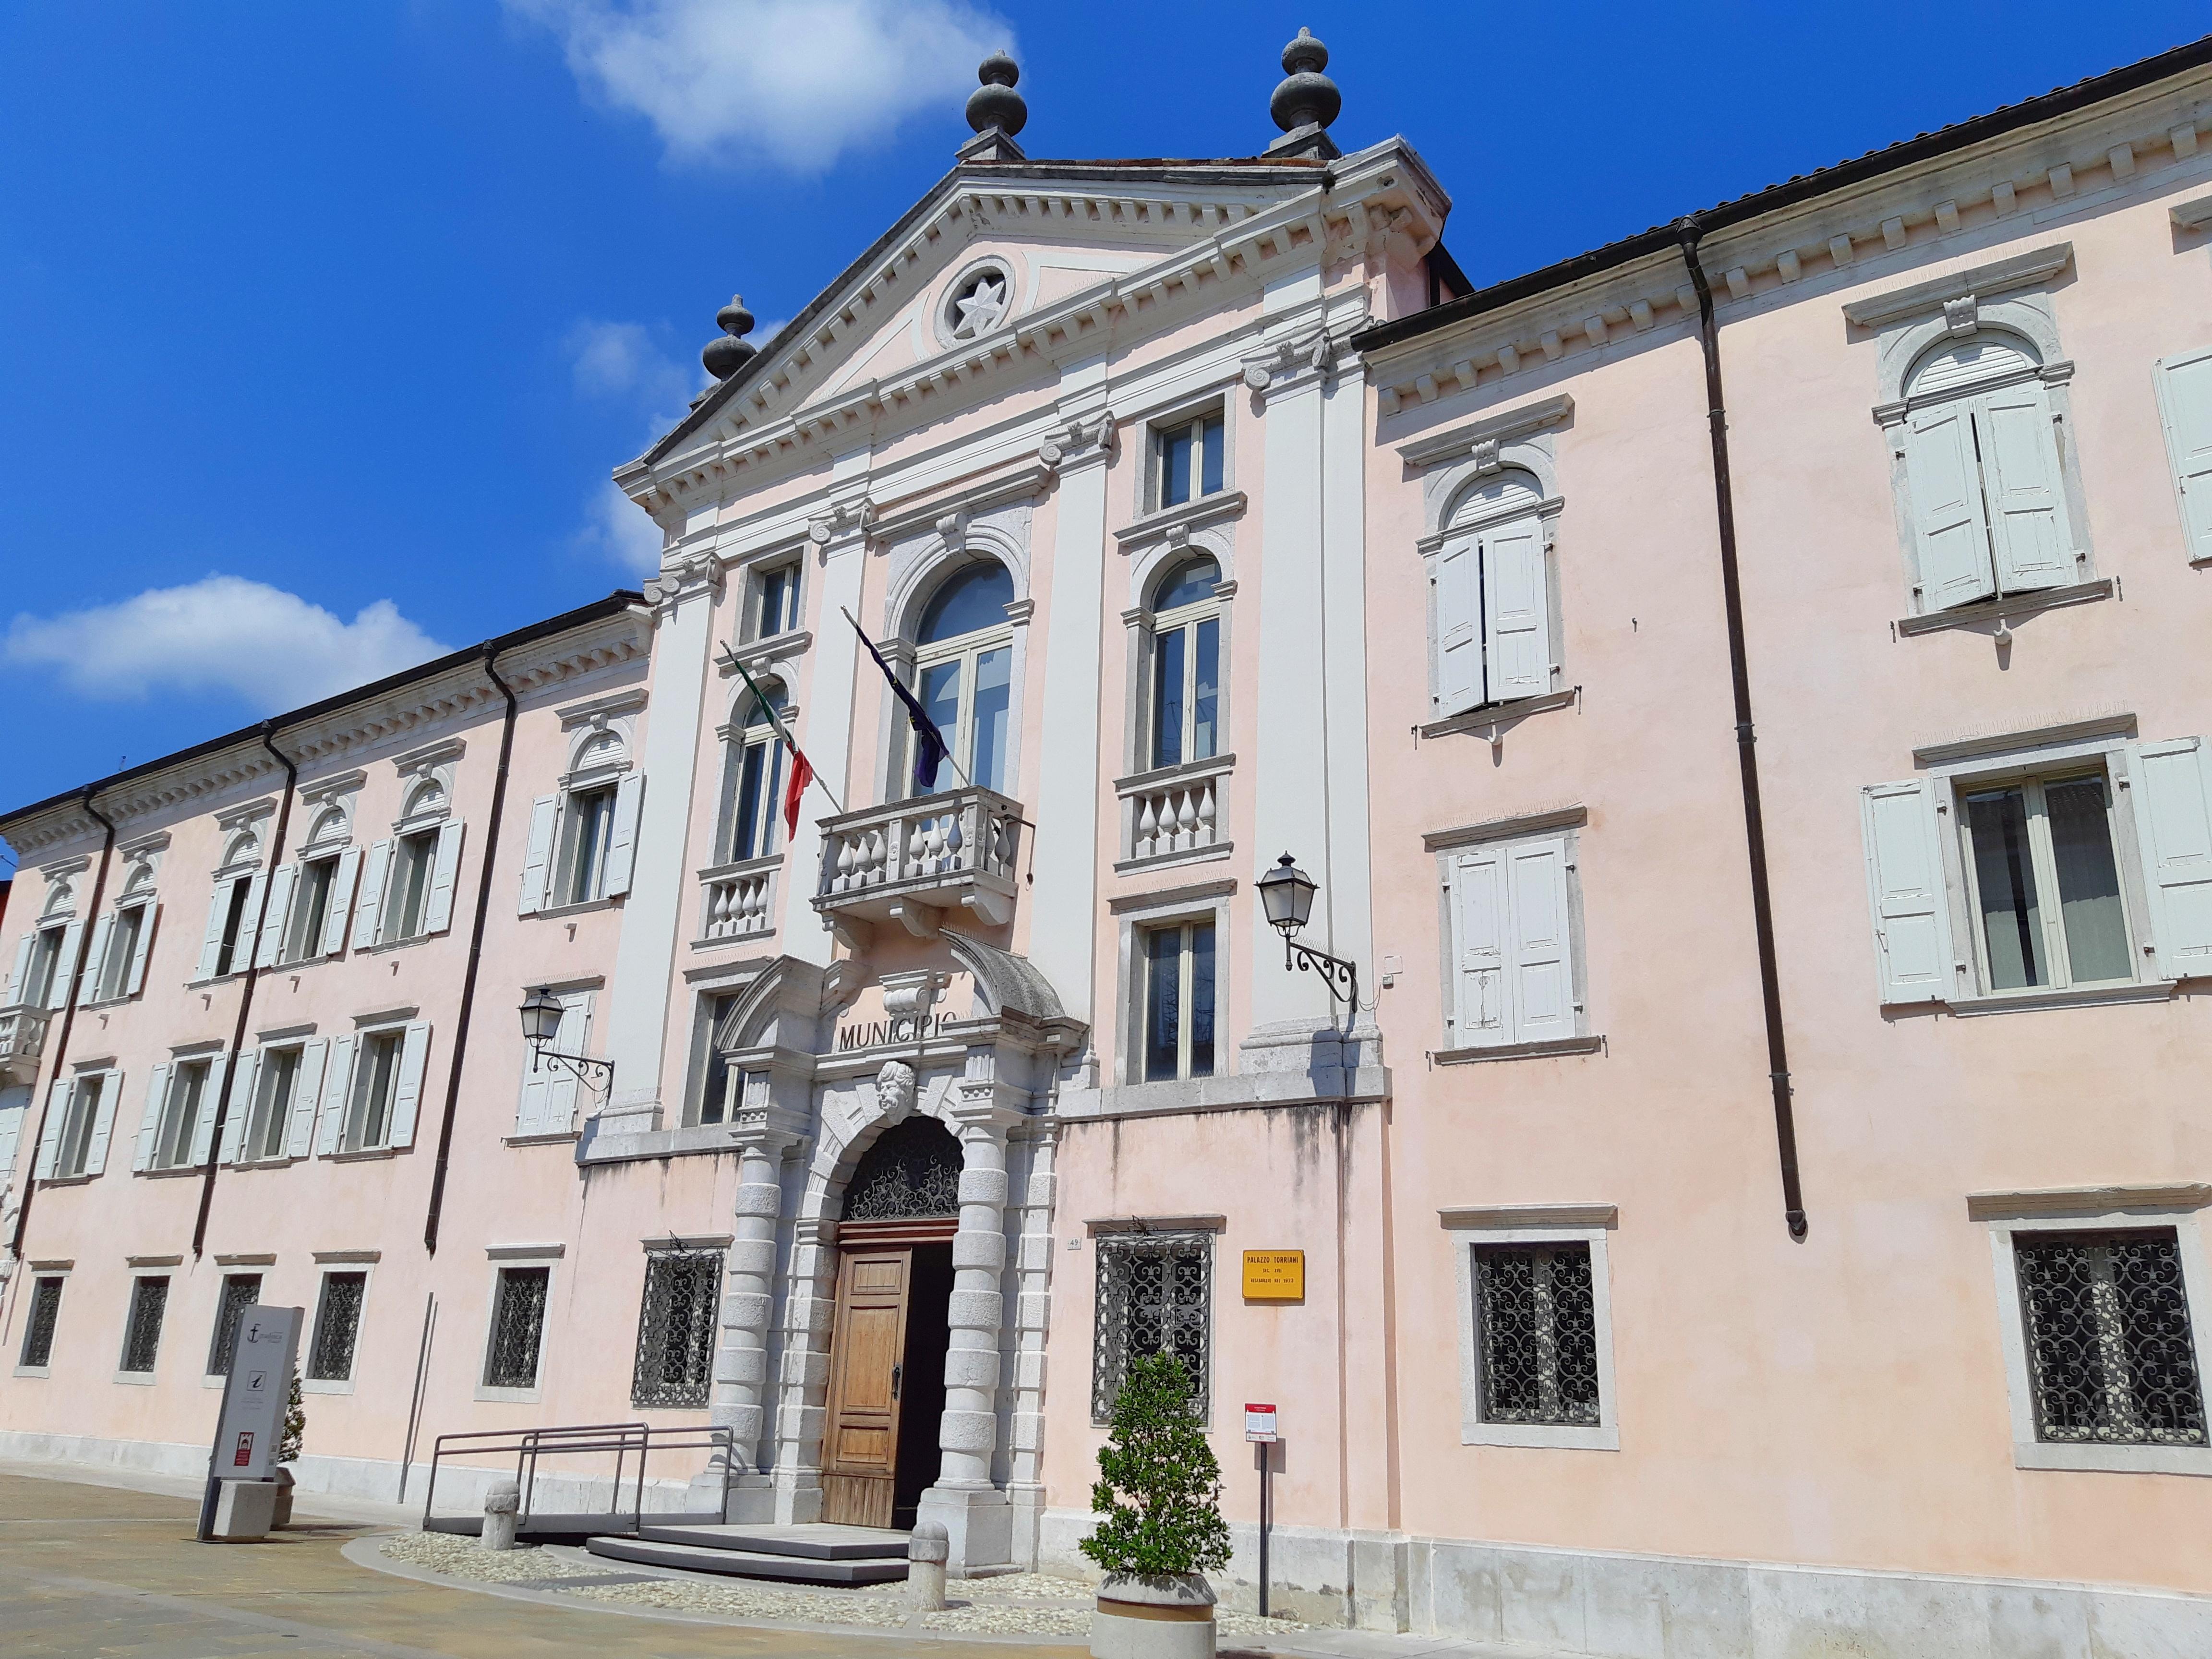 Gradisca d'Isonzo - 3